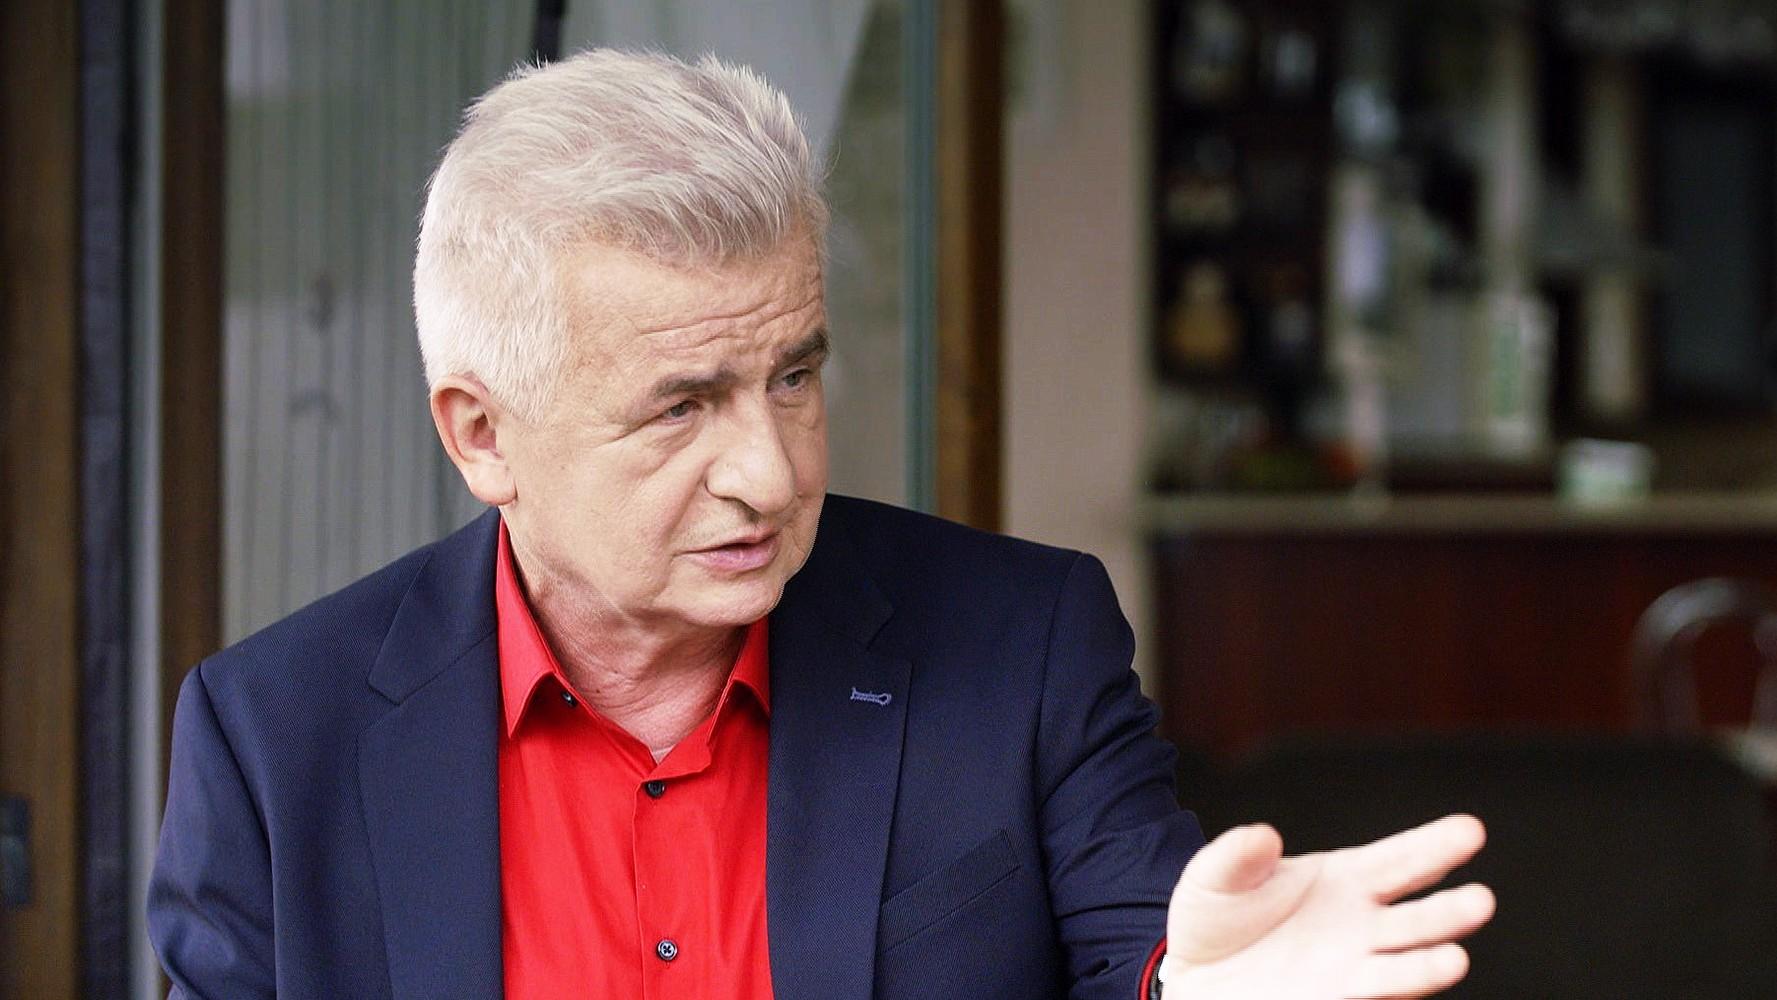 Wolni od długów: Gdy trzeba spłacać cudze zobowiązania... - Polsat.pl